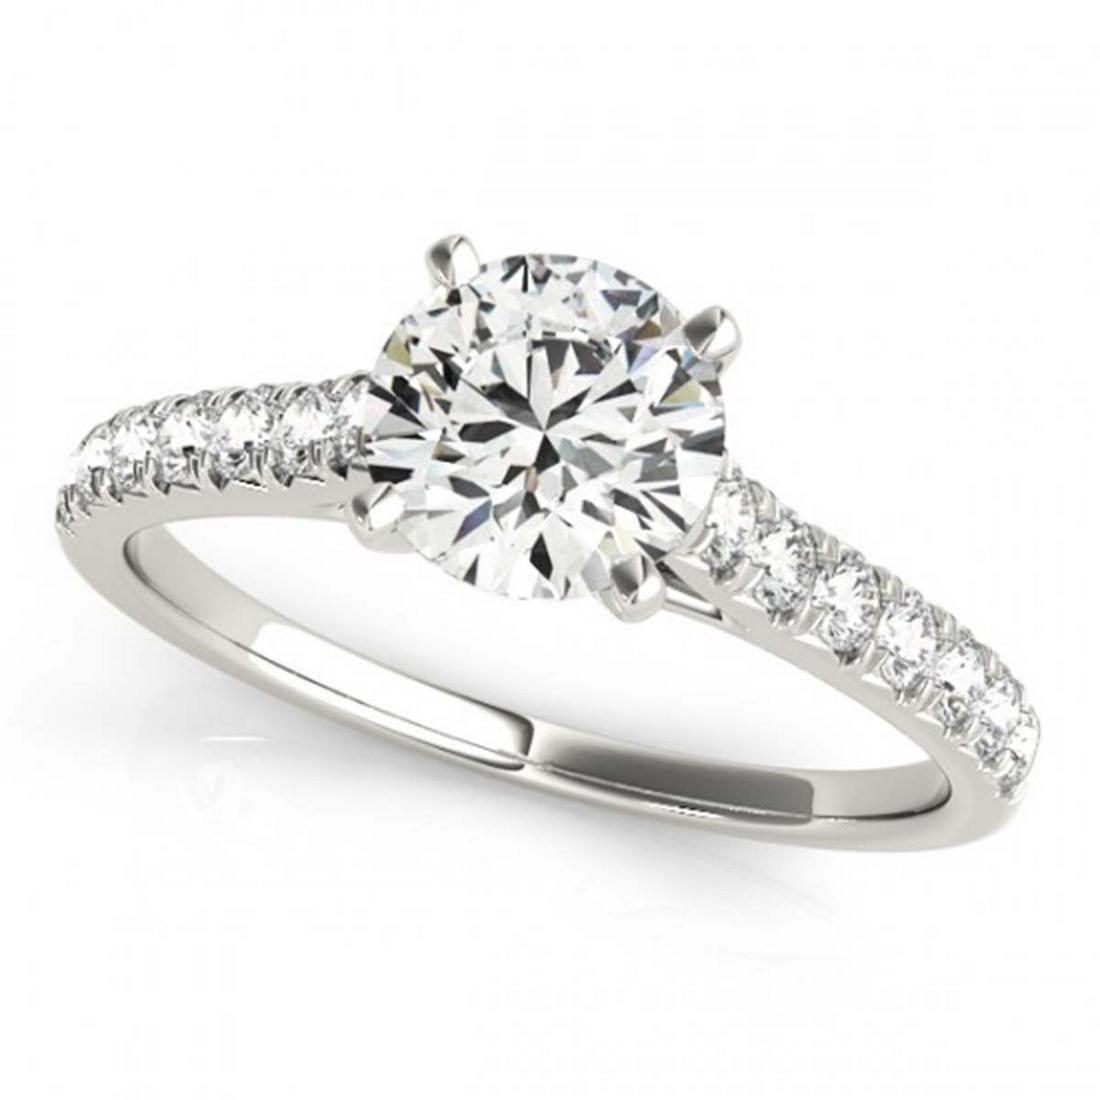 1.45 ctw VS/SI Diamond Ring 18K White Gold - REF-280H5M